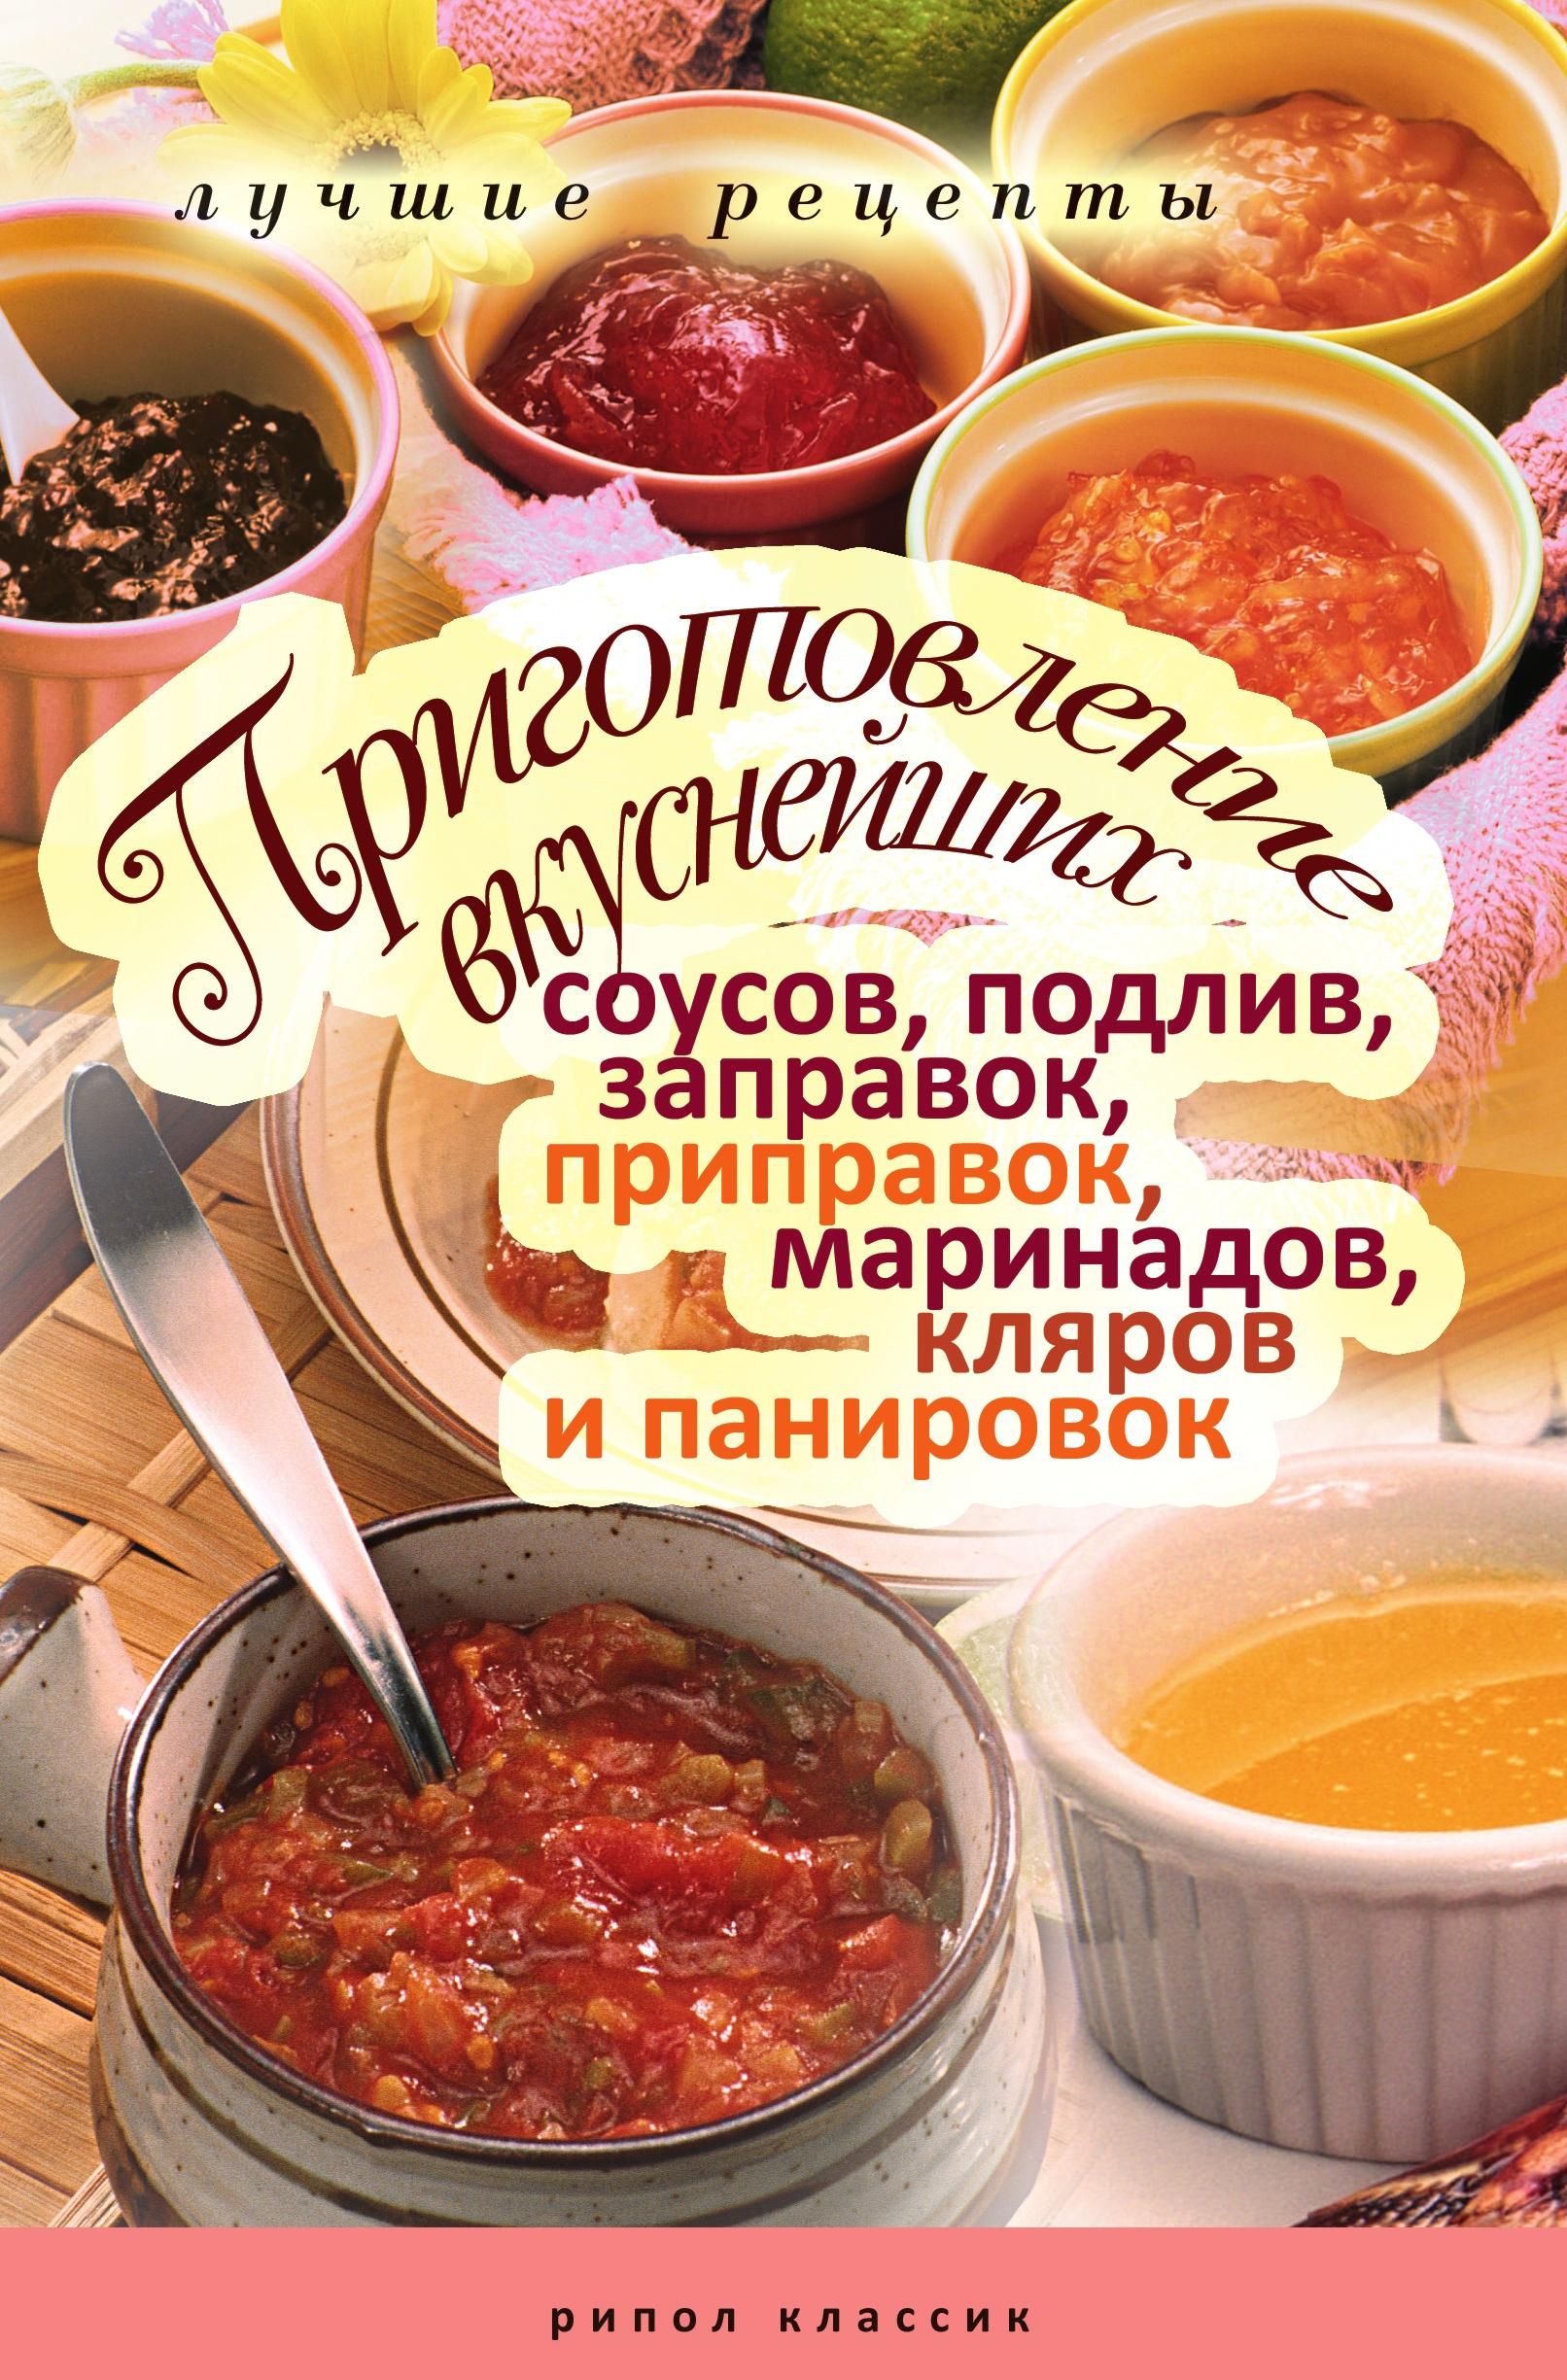 Отсутствует Приготовление вкуснейших соусов, подлив, заправок, приправок, маринадов, кляров и панировок. Лучшие рецепты